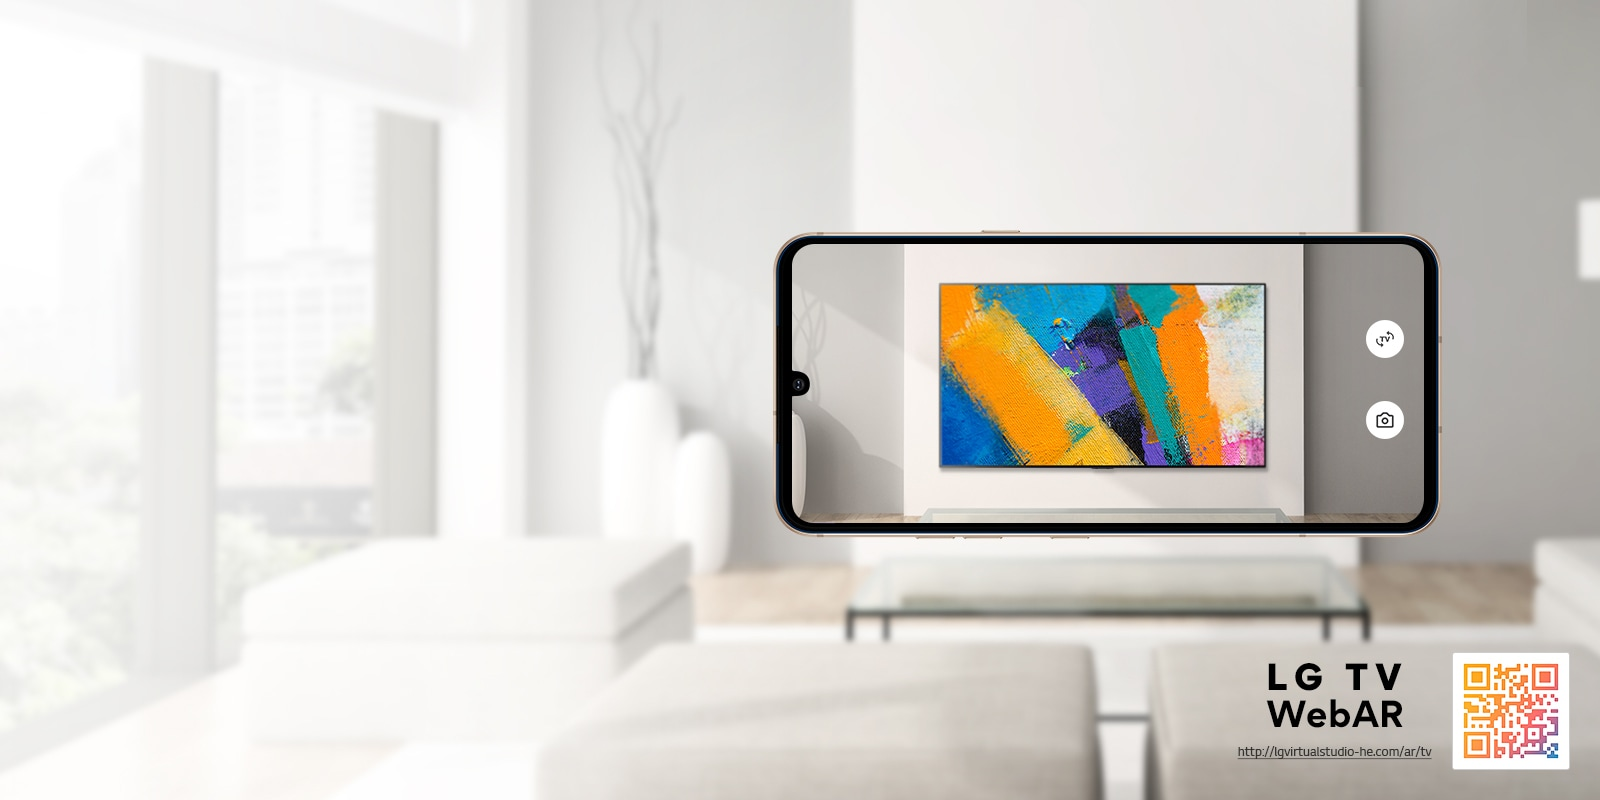 To je spletna simulacijska slika LG OLED televizorja.  Zbledeli mobilni telefon, ki trenutno fotografira, je prikazan v minimalistični sobi.  Spodaj desno je QR koda.